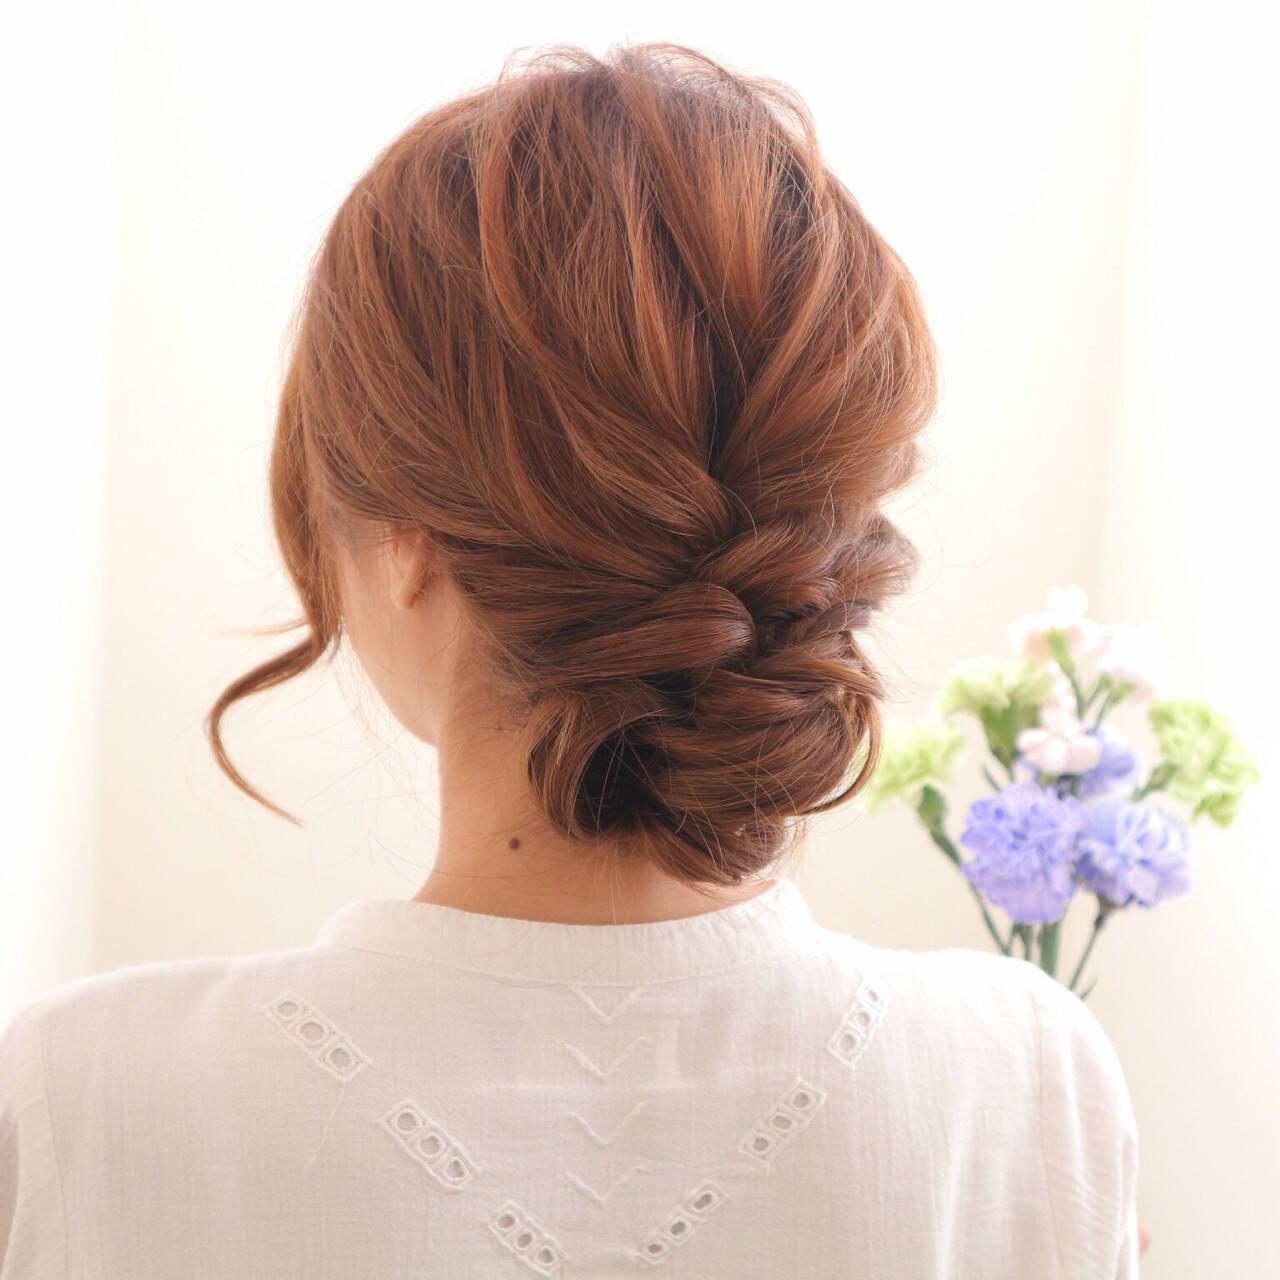 セミロング 三つ編み まとめ髪 簡単ヘアアレンジヘアスタイルや髪型の写真・画像